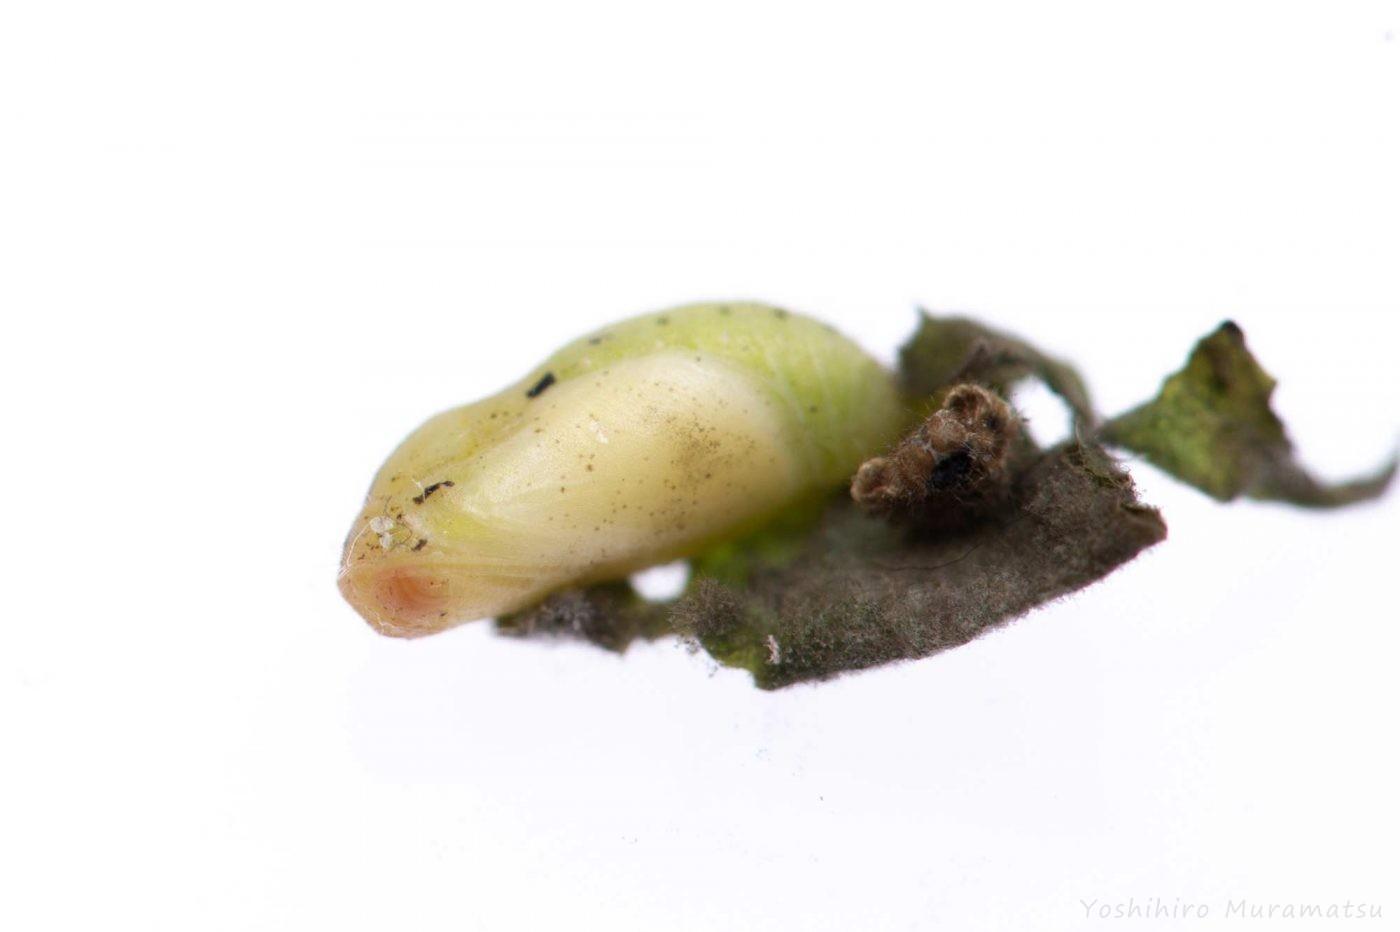 ヤマトシジミの飼育の写真